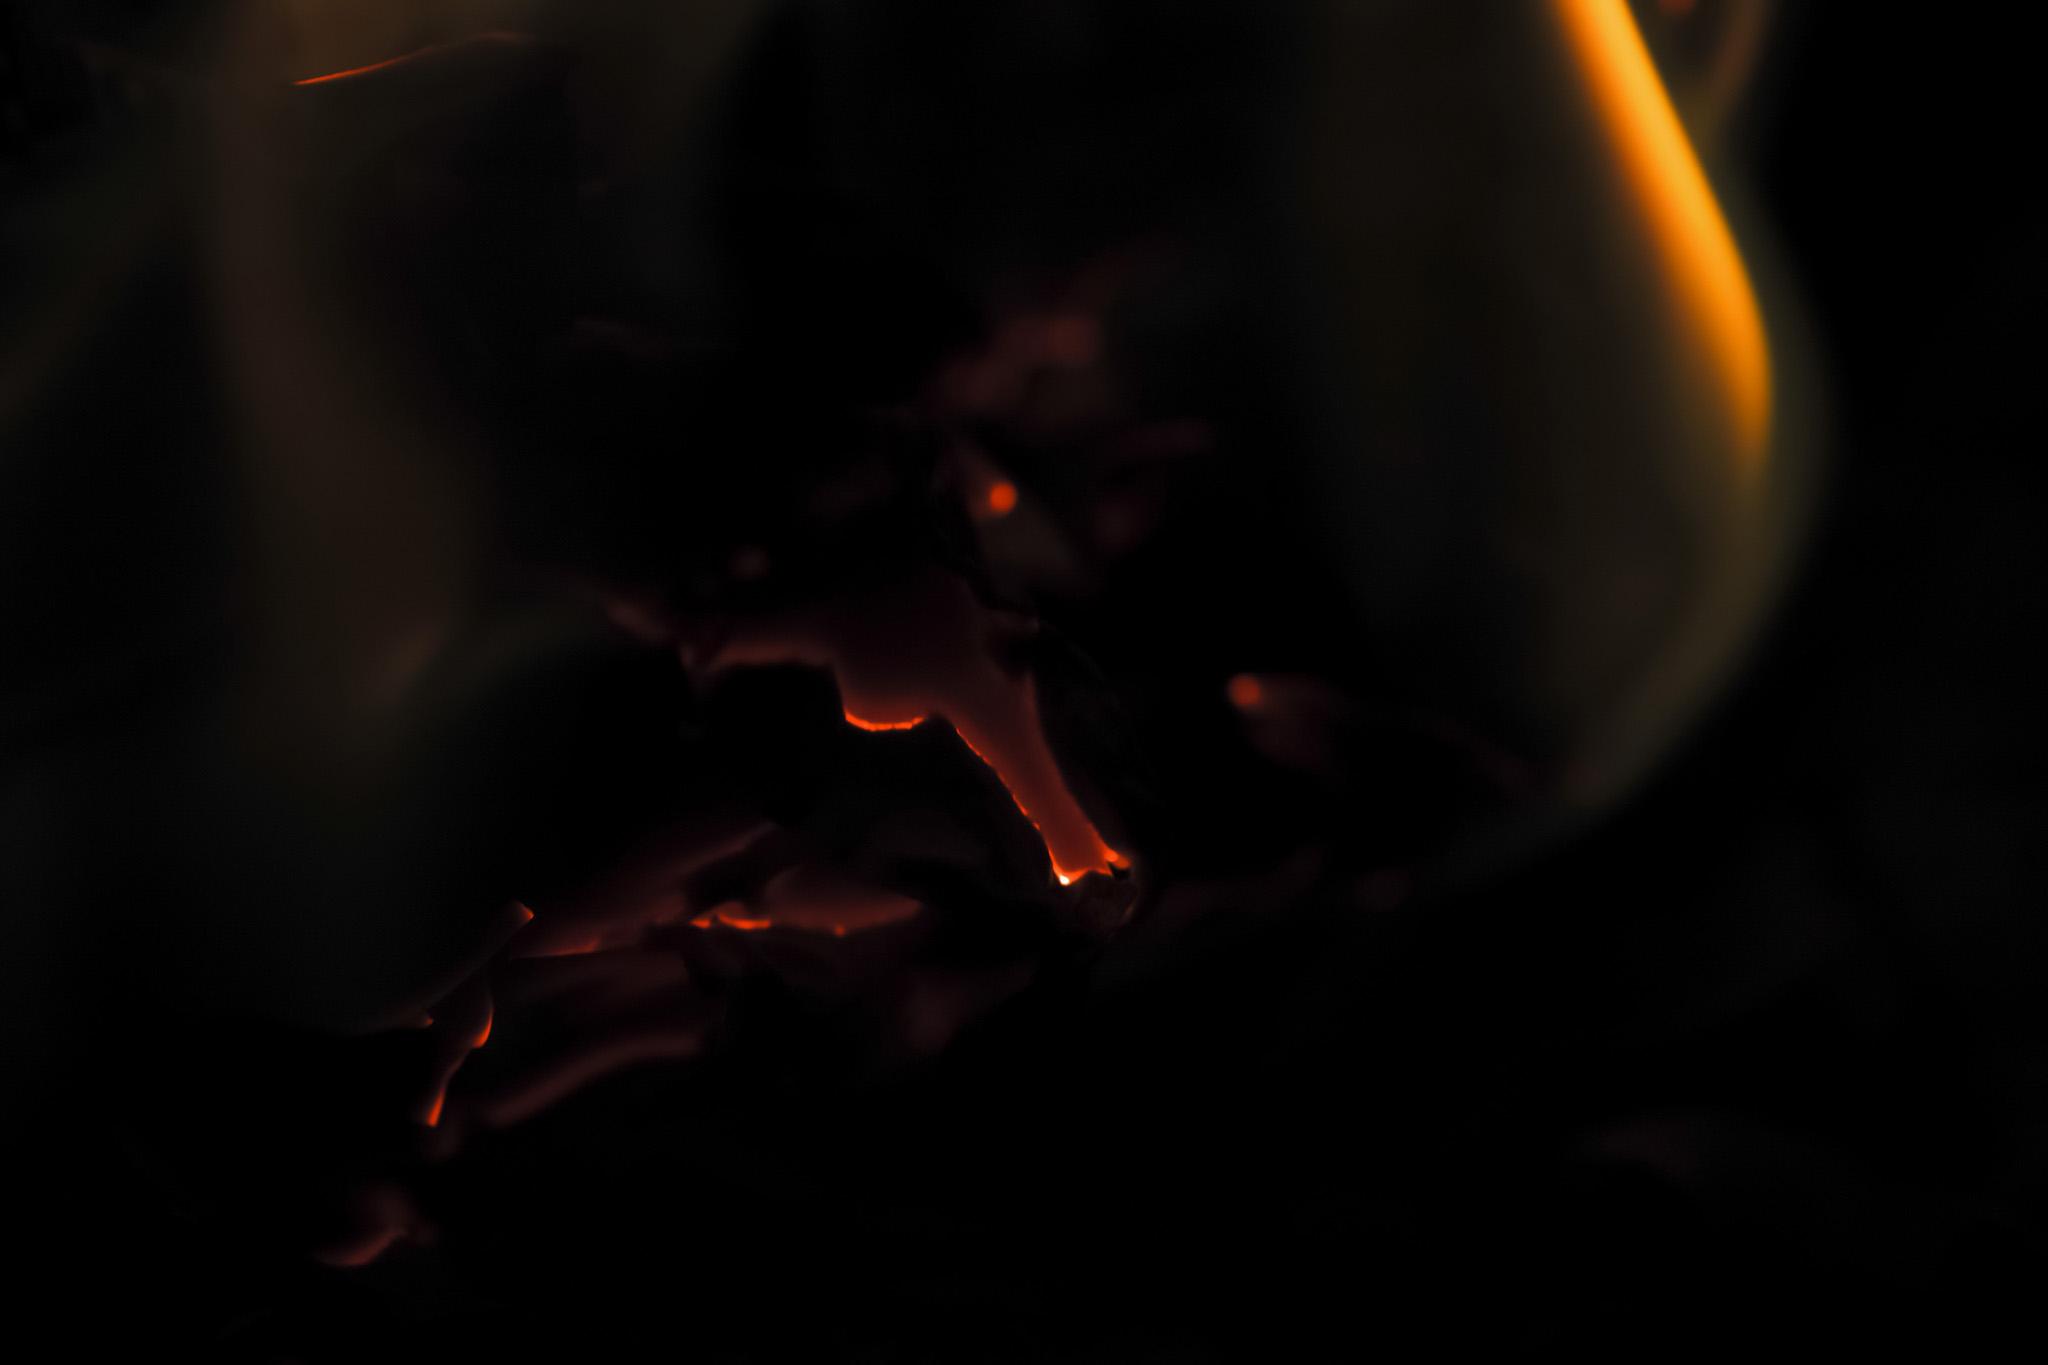 「ゆっくりと鎮火する焚火」の素材を無料ダウンロード